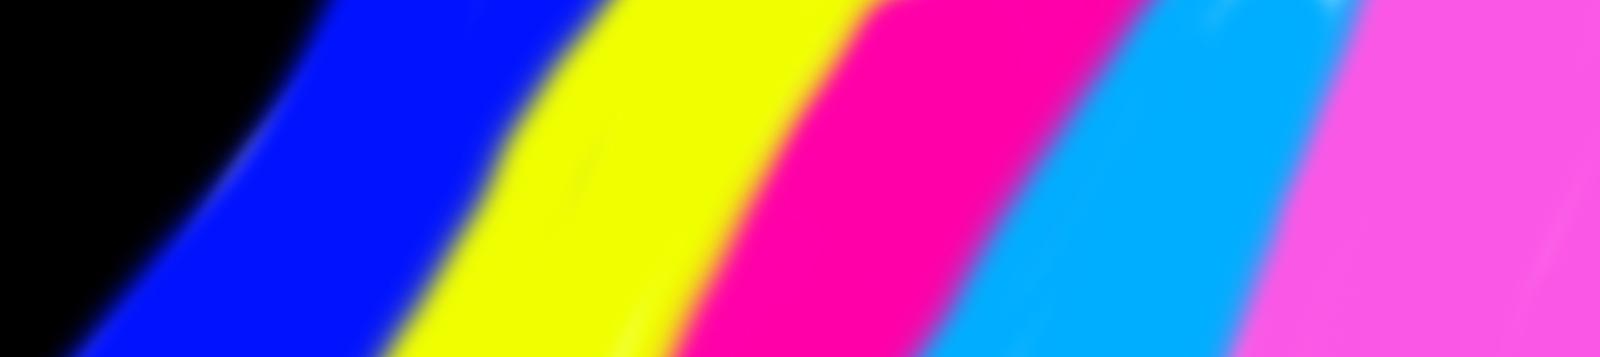 Шаблон для прочистки принтера цветной